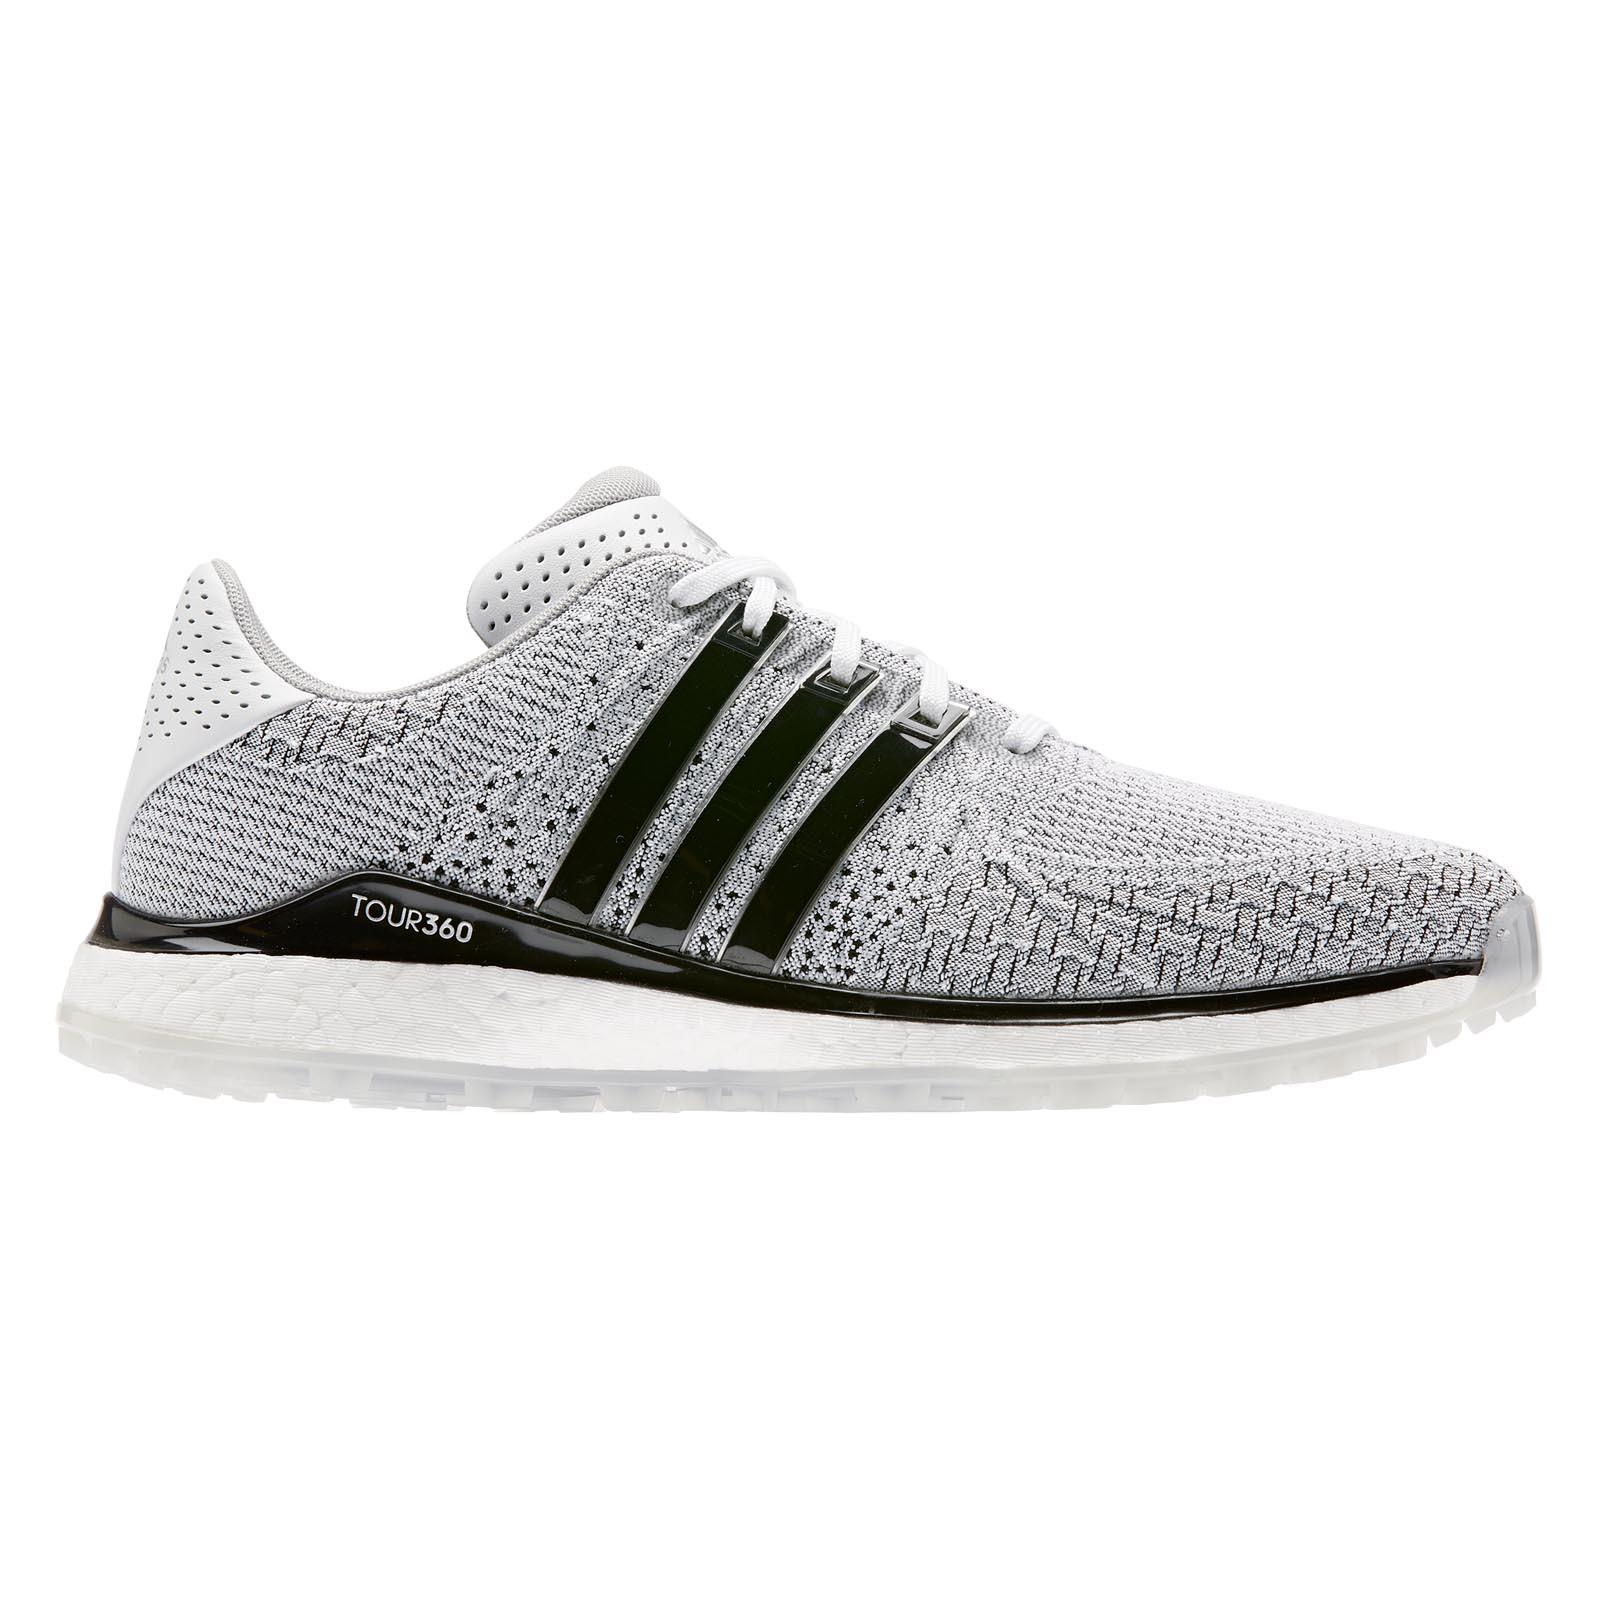 adidas Tour 360 XT-SL Textile Golf Shoes